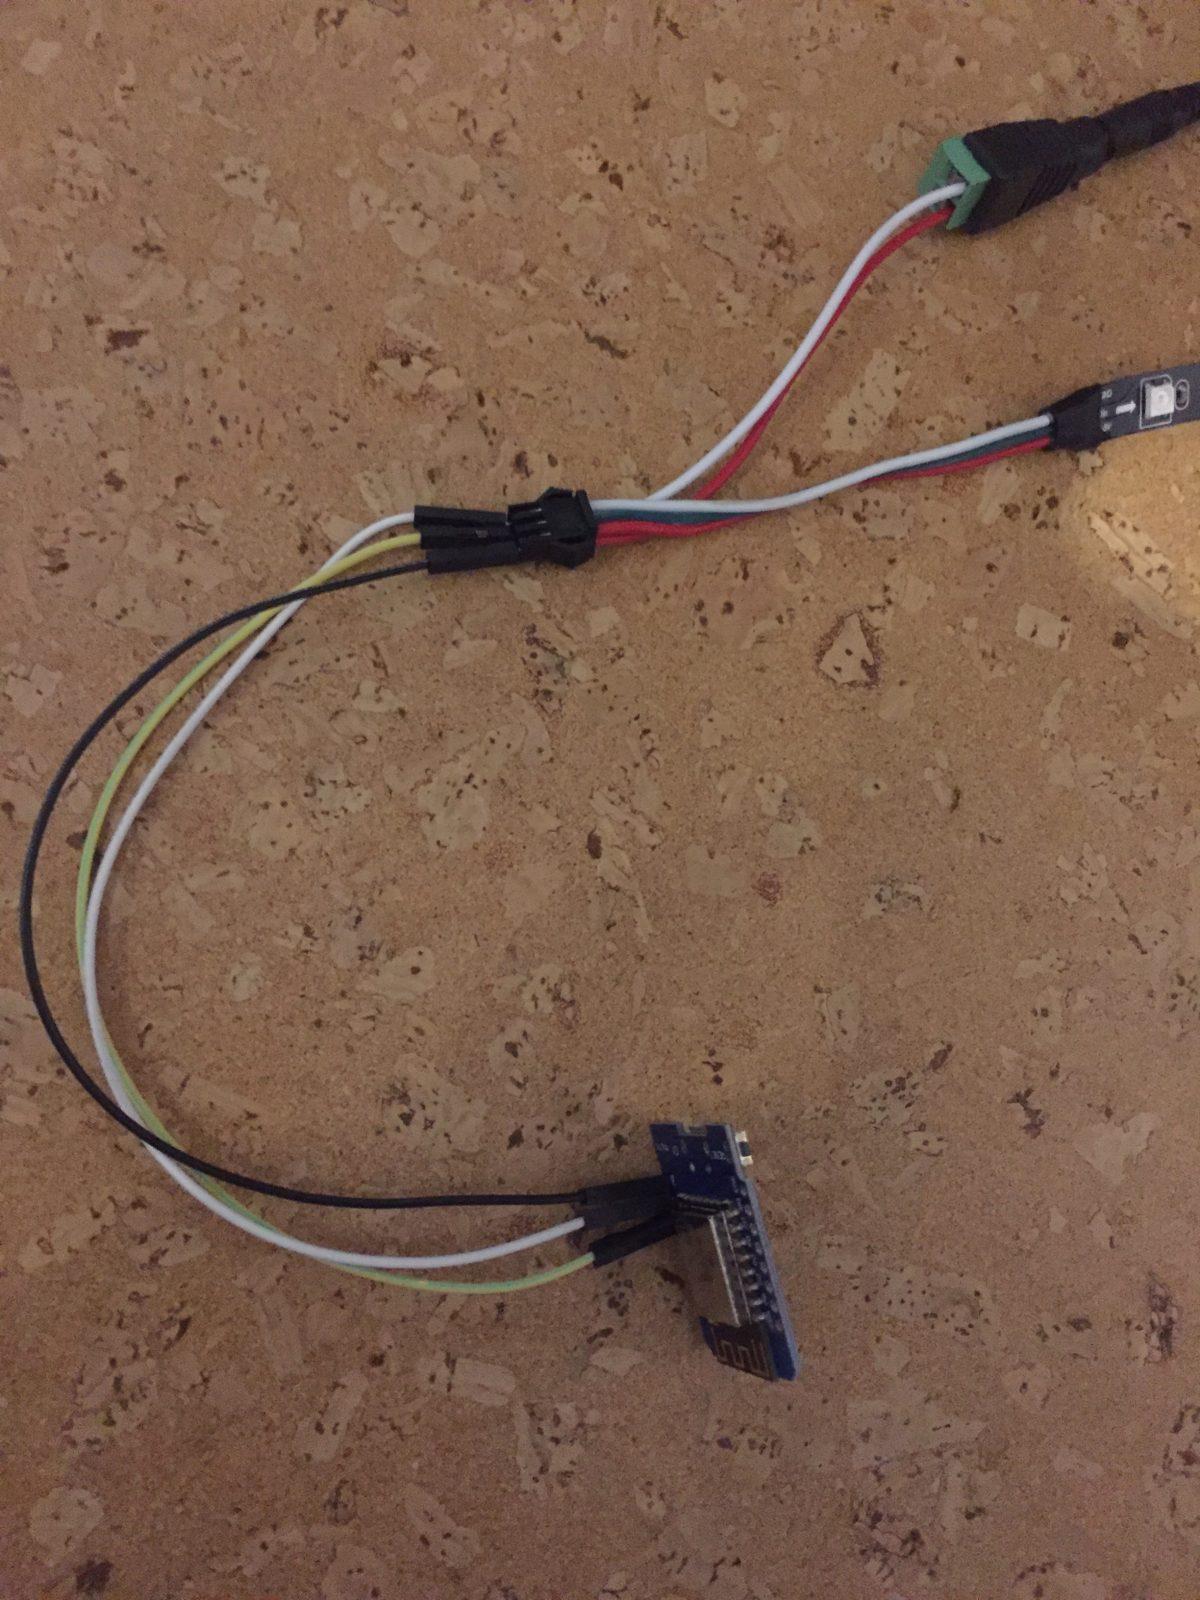 WS2812B über ESP8266 (WeMos D1 Mini) ansteuern